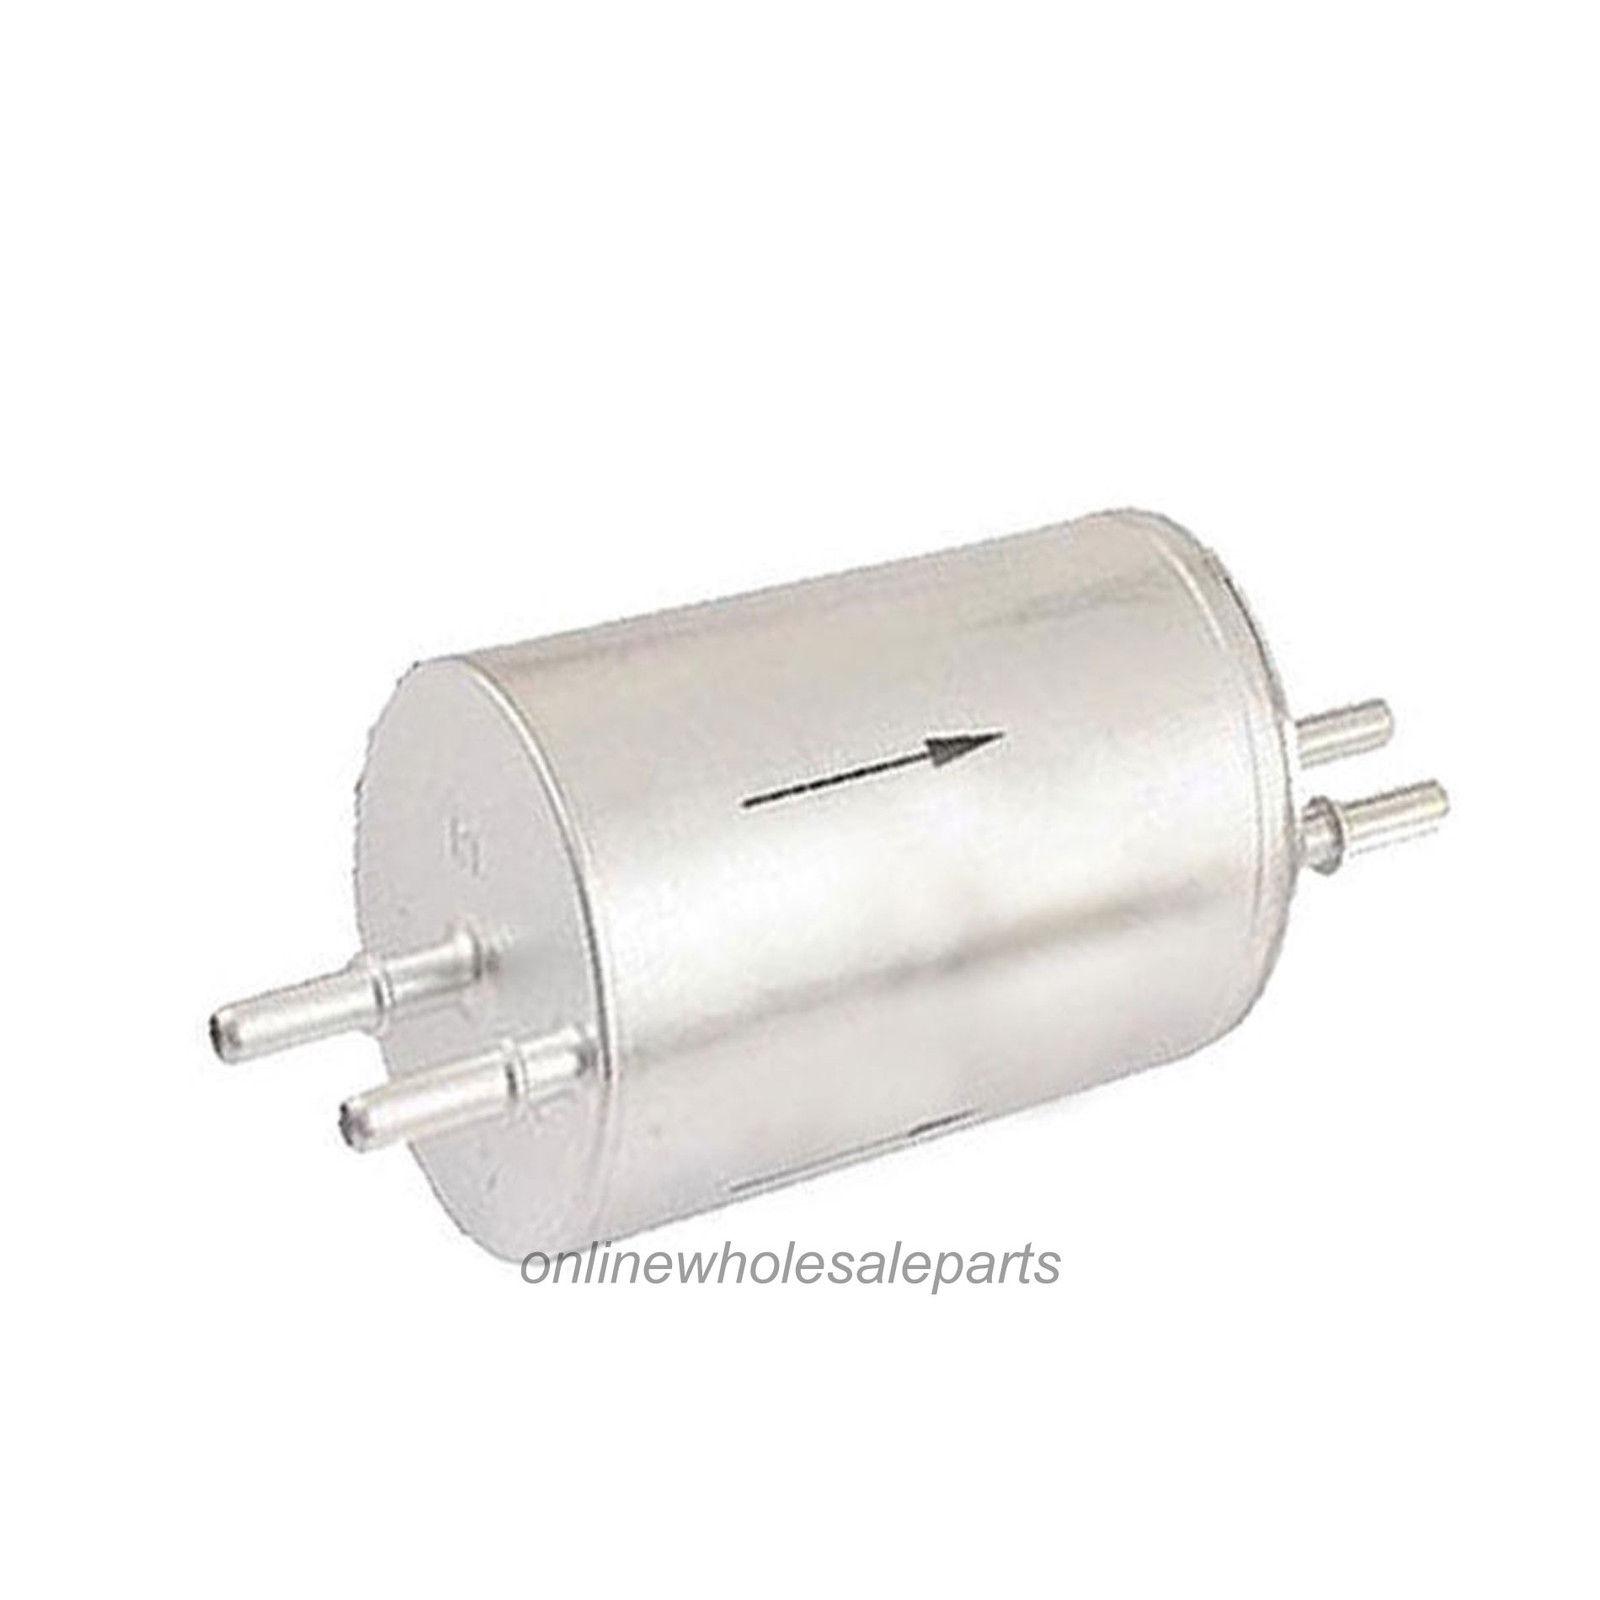 hight resolution of cabriolet fuel filter